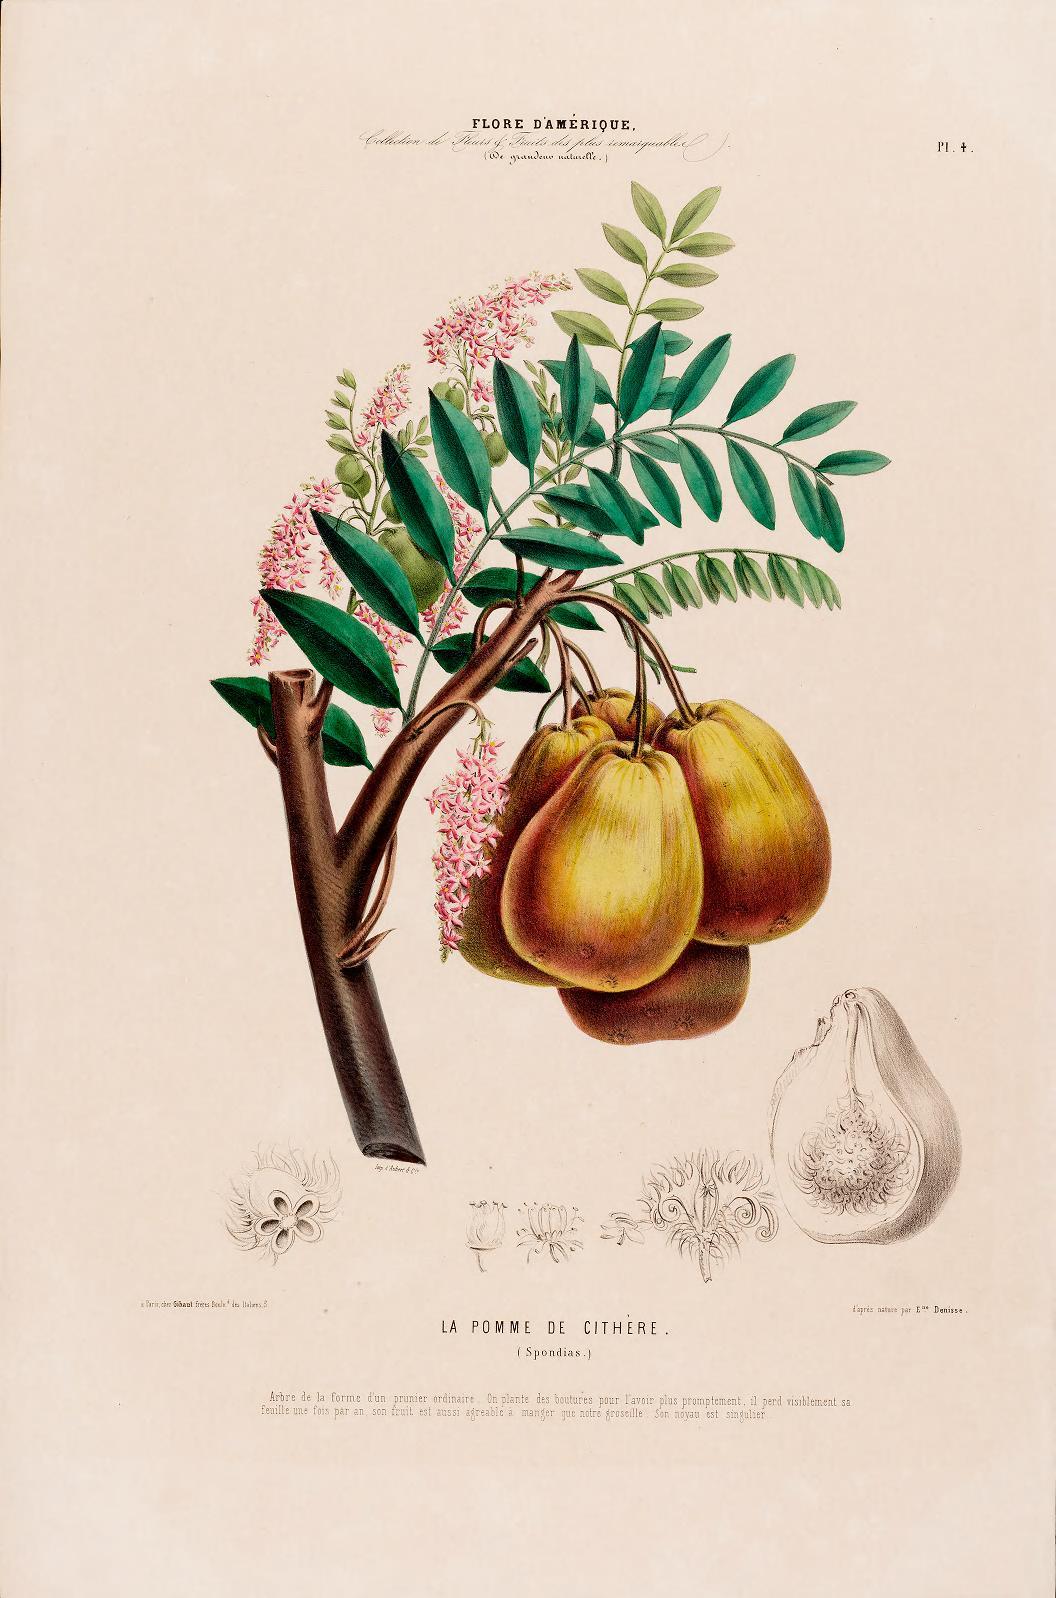 """""""La Pomme de Cithere"""" (spondias). Plate 4."""